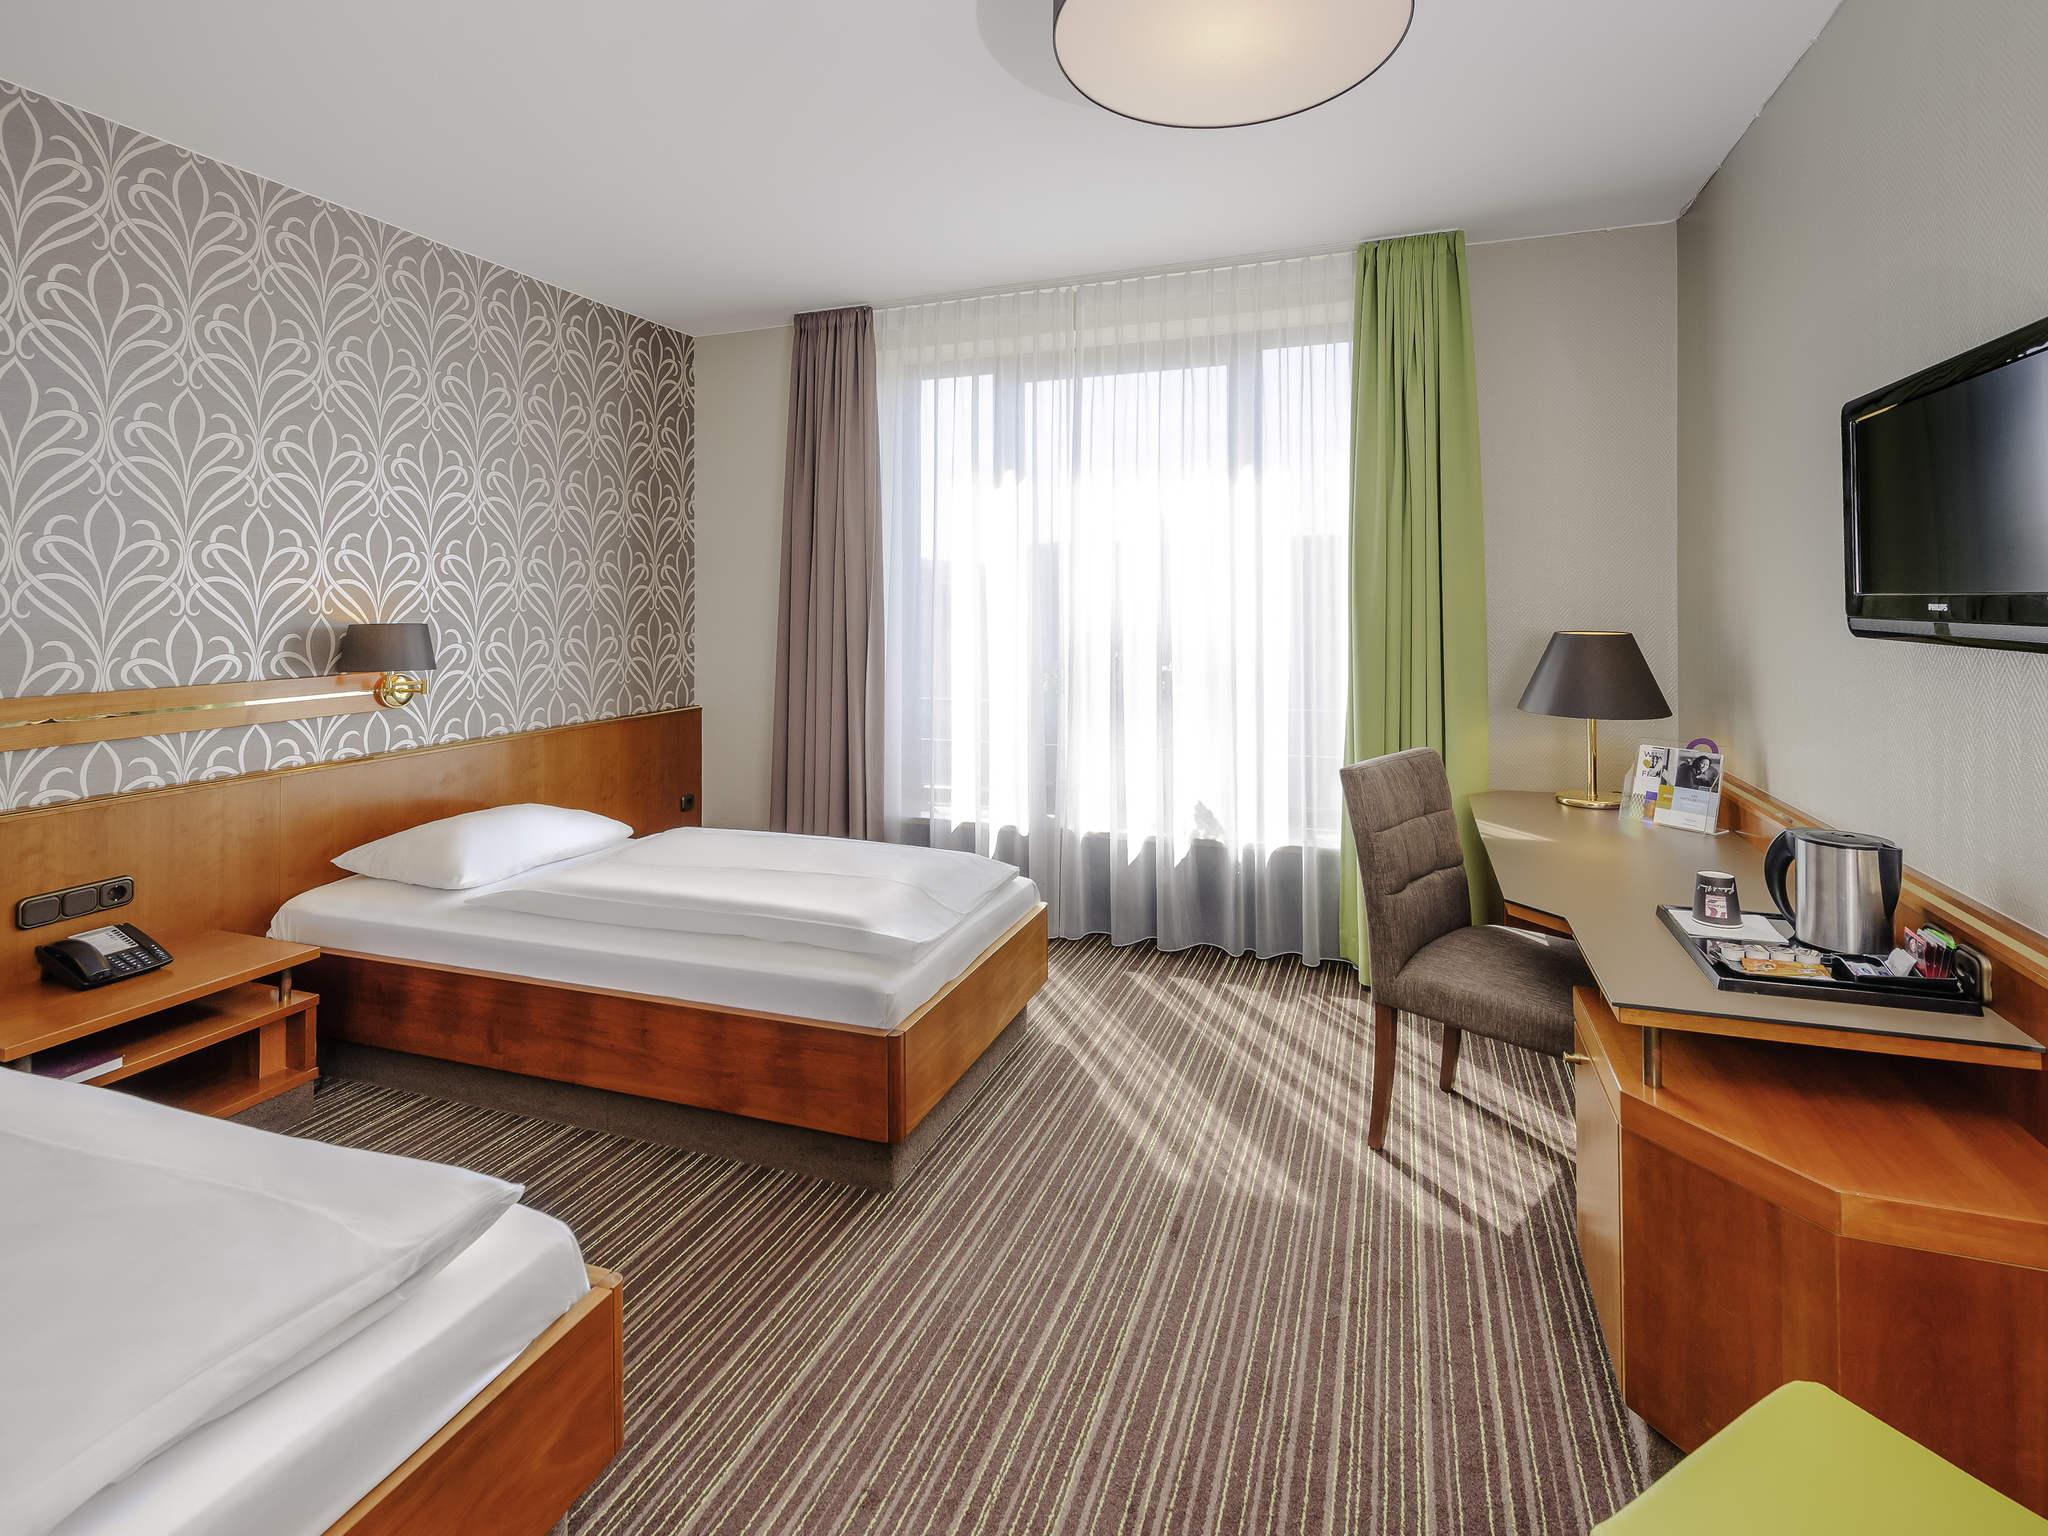 Tolle Aussicht aus dem Mercure Hotel Trier Porta Nigra